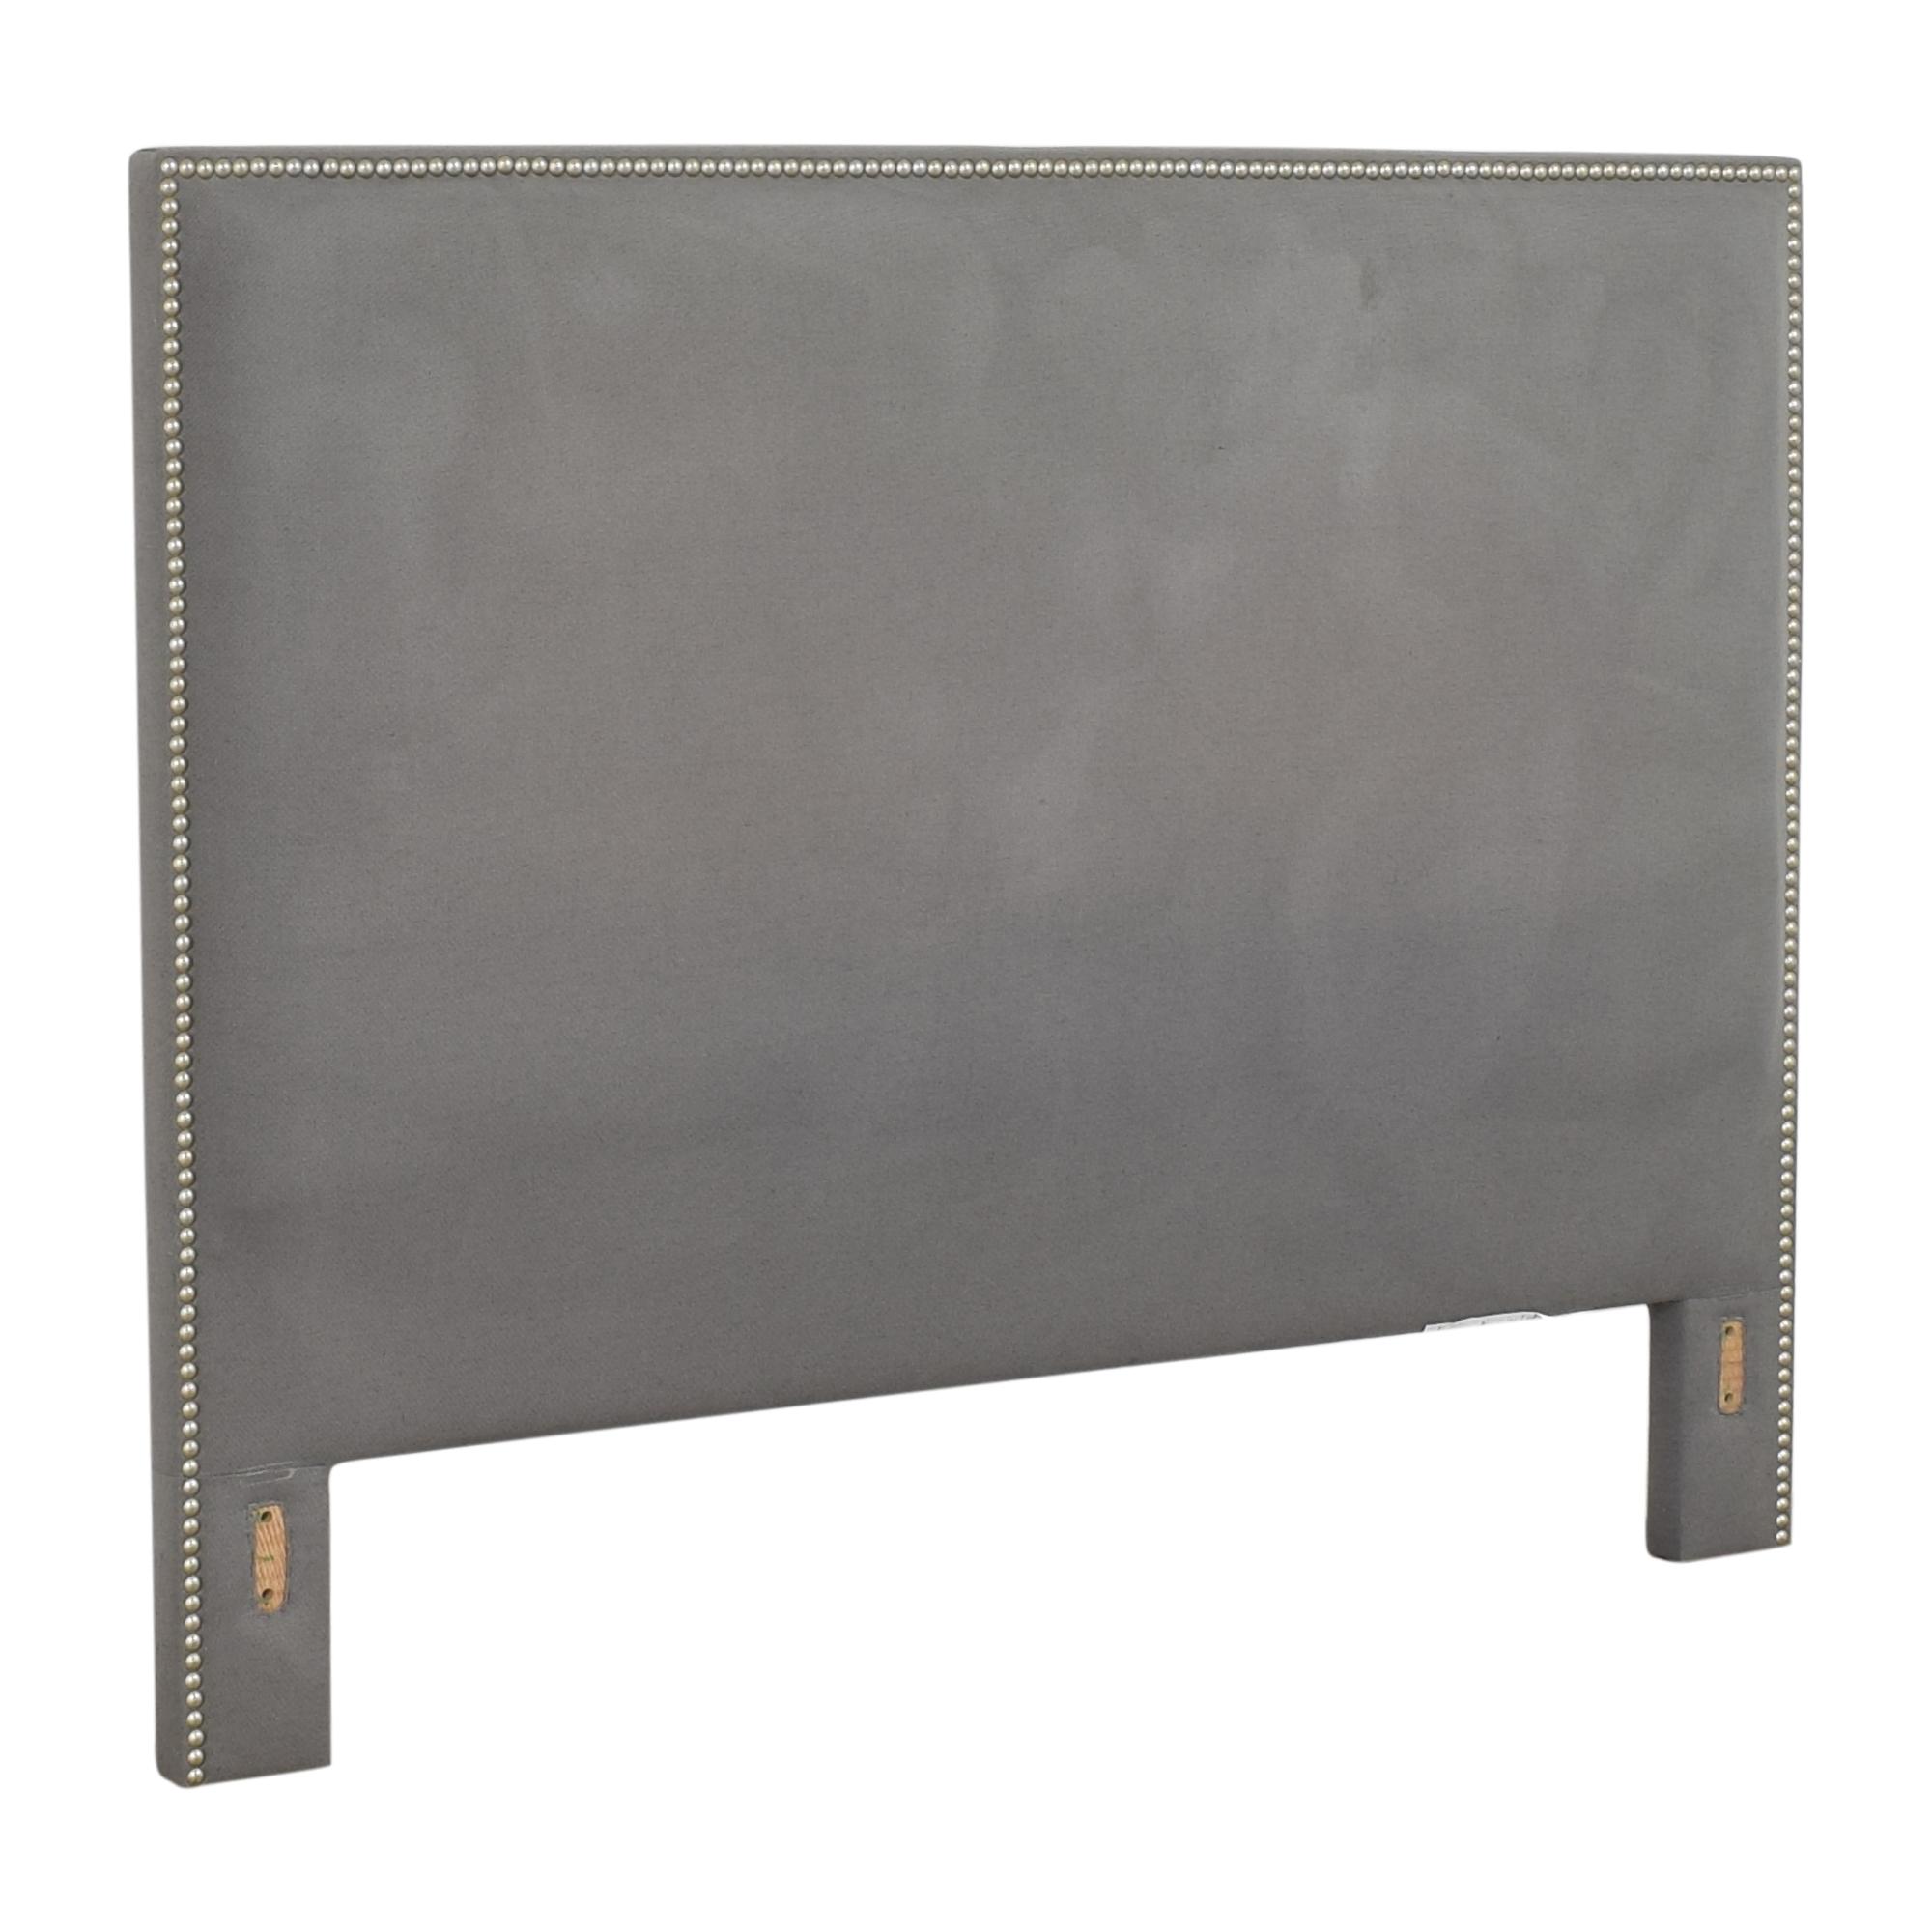 Crate & Barrel Crate & Barrel Cole Upholstered Queen Headboard ct